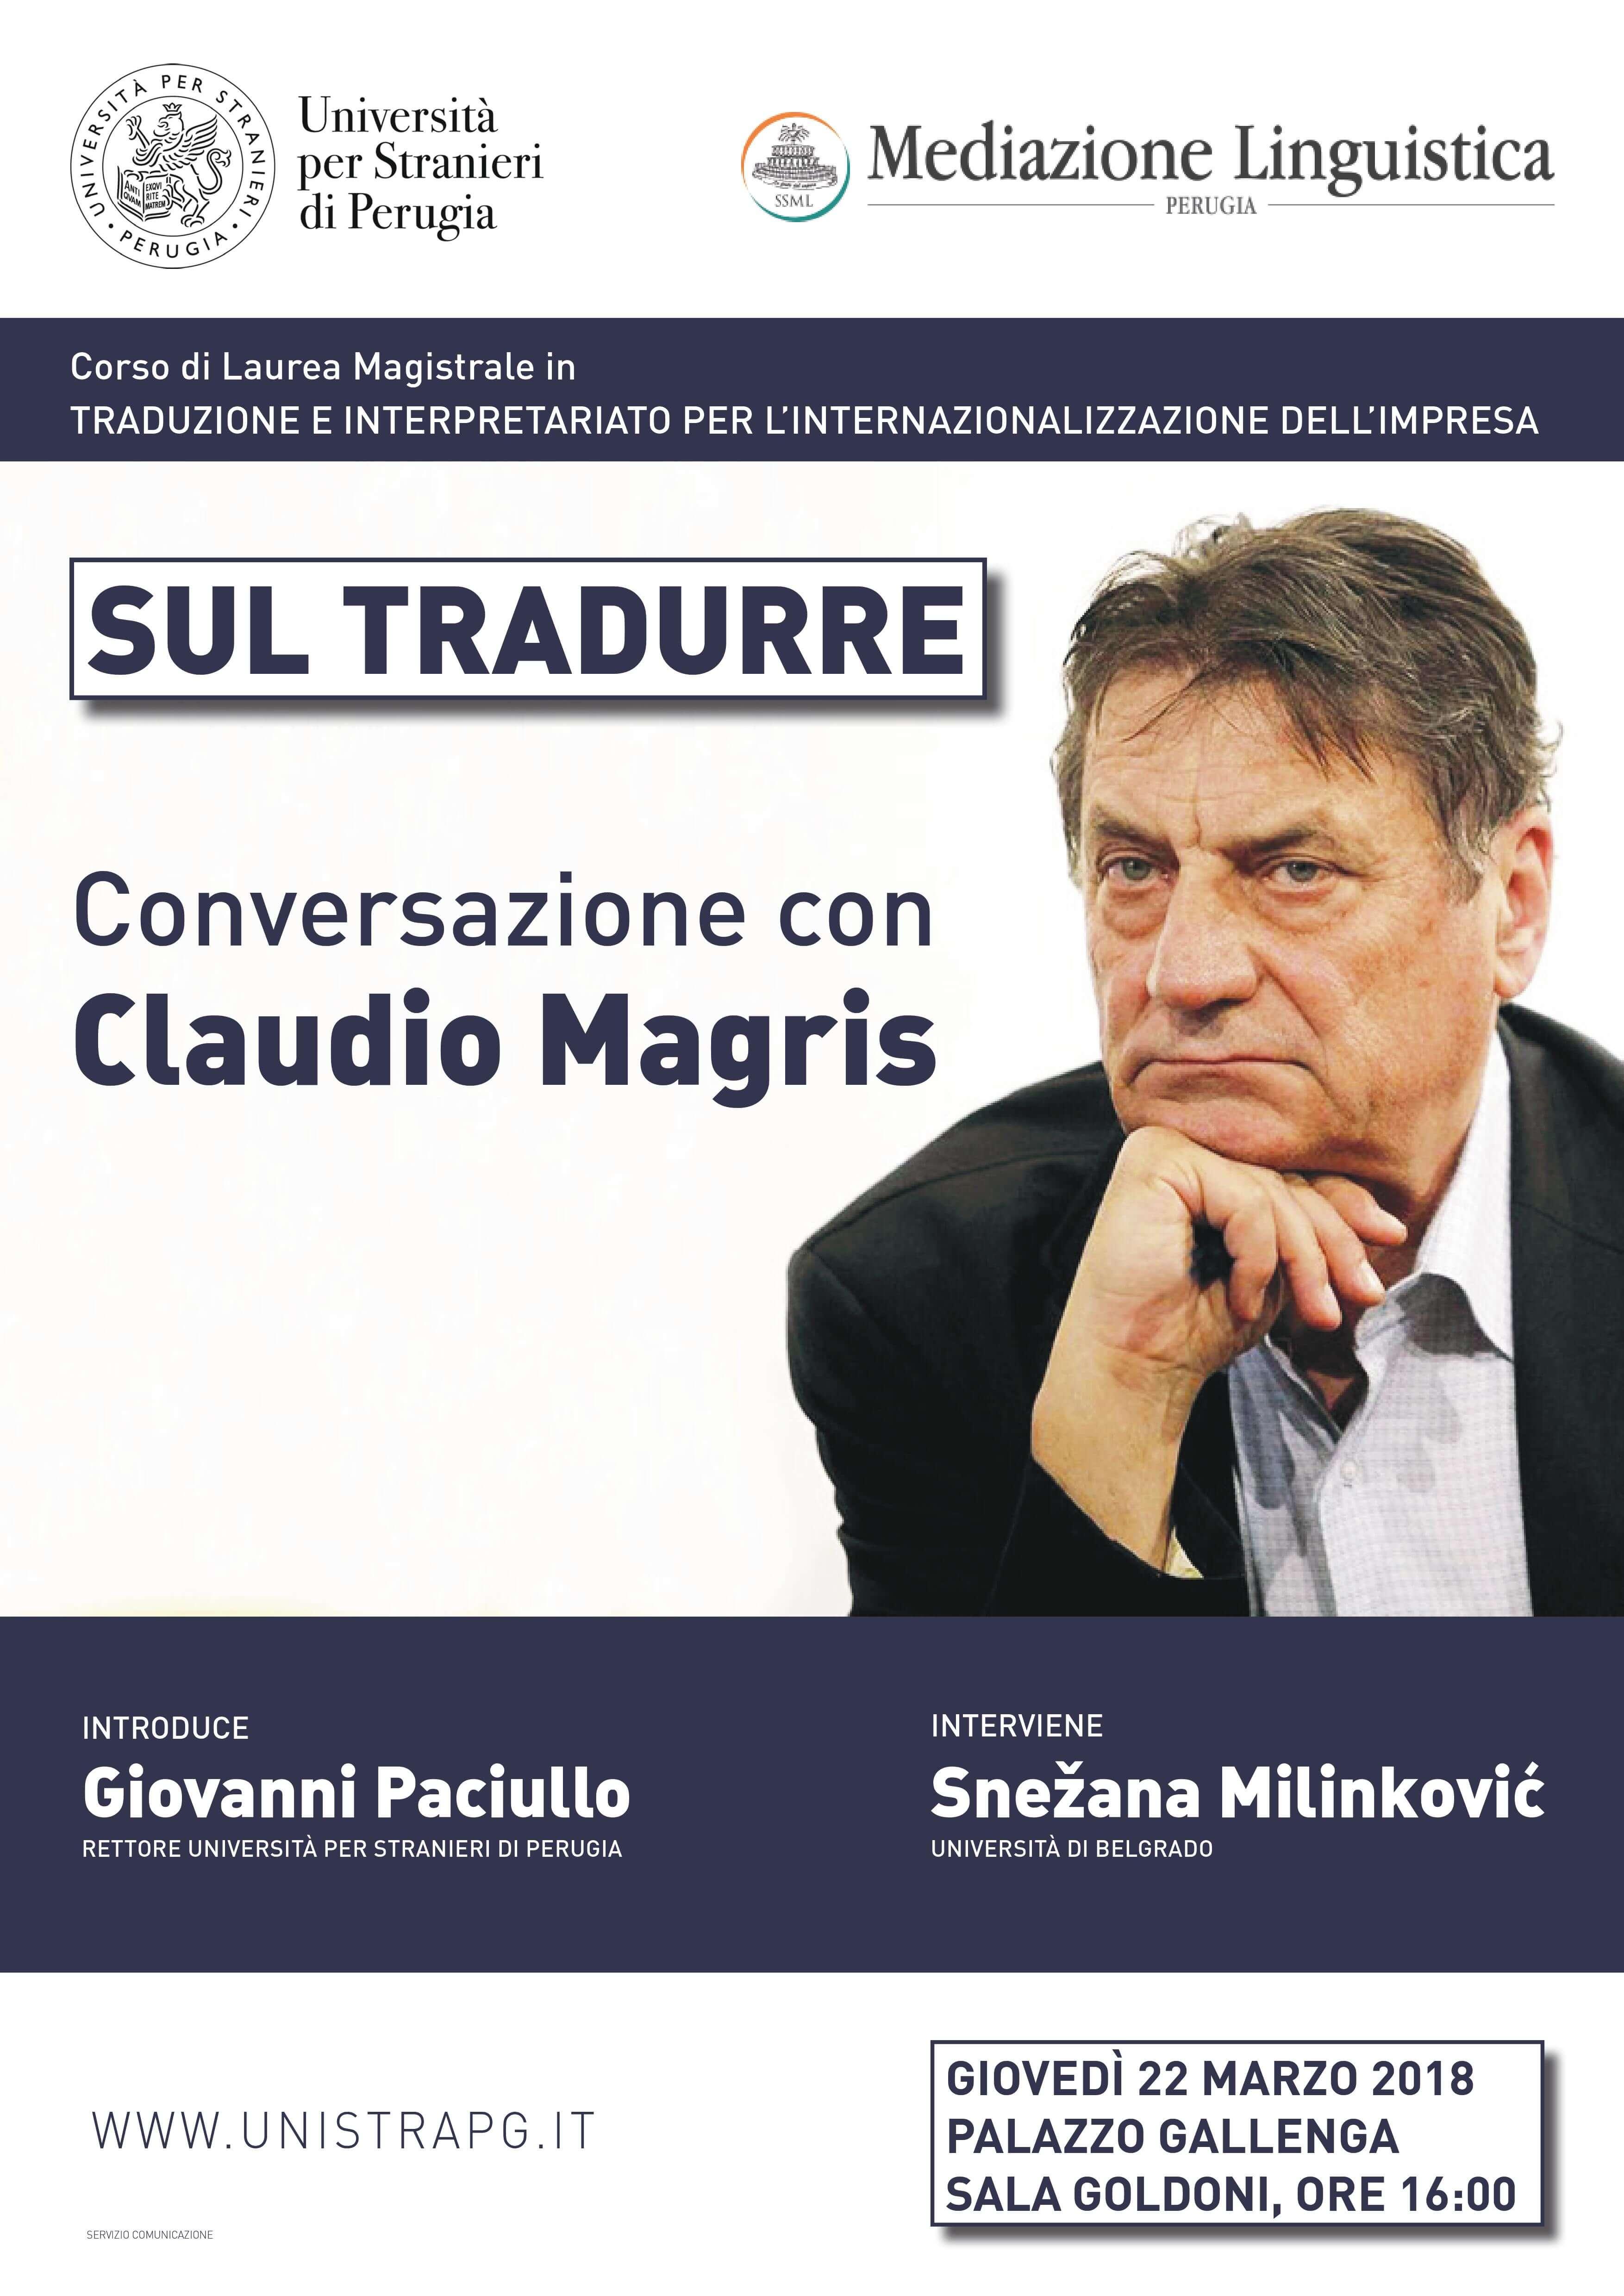 Sul tradurre | Conversazione con Claudio Magris - locandina